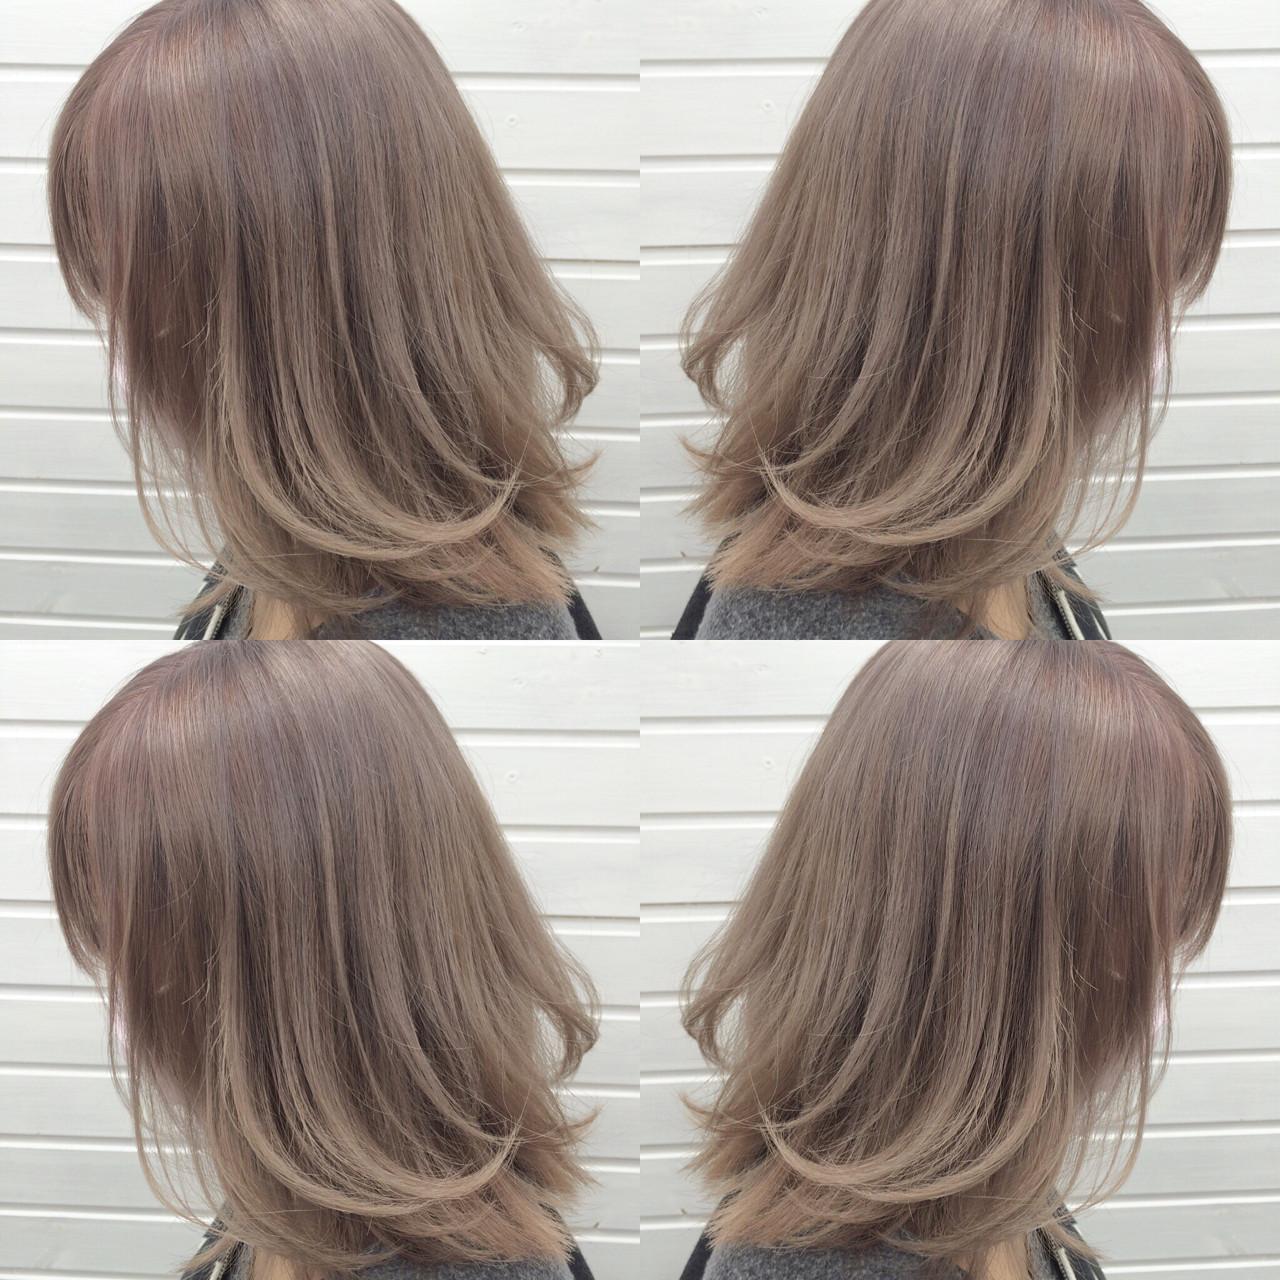 ミディアム ブリーチ ラベンダーアッシュ アッシュ ヘアスタイルや髪型の写真・画像 | universe / hairspaceuniverse